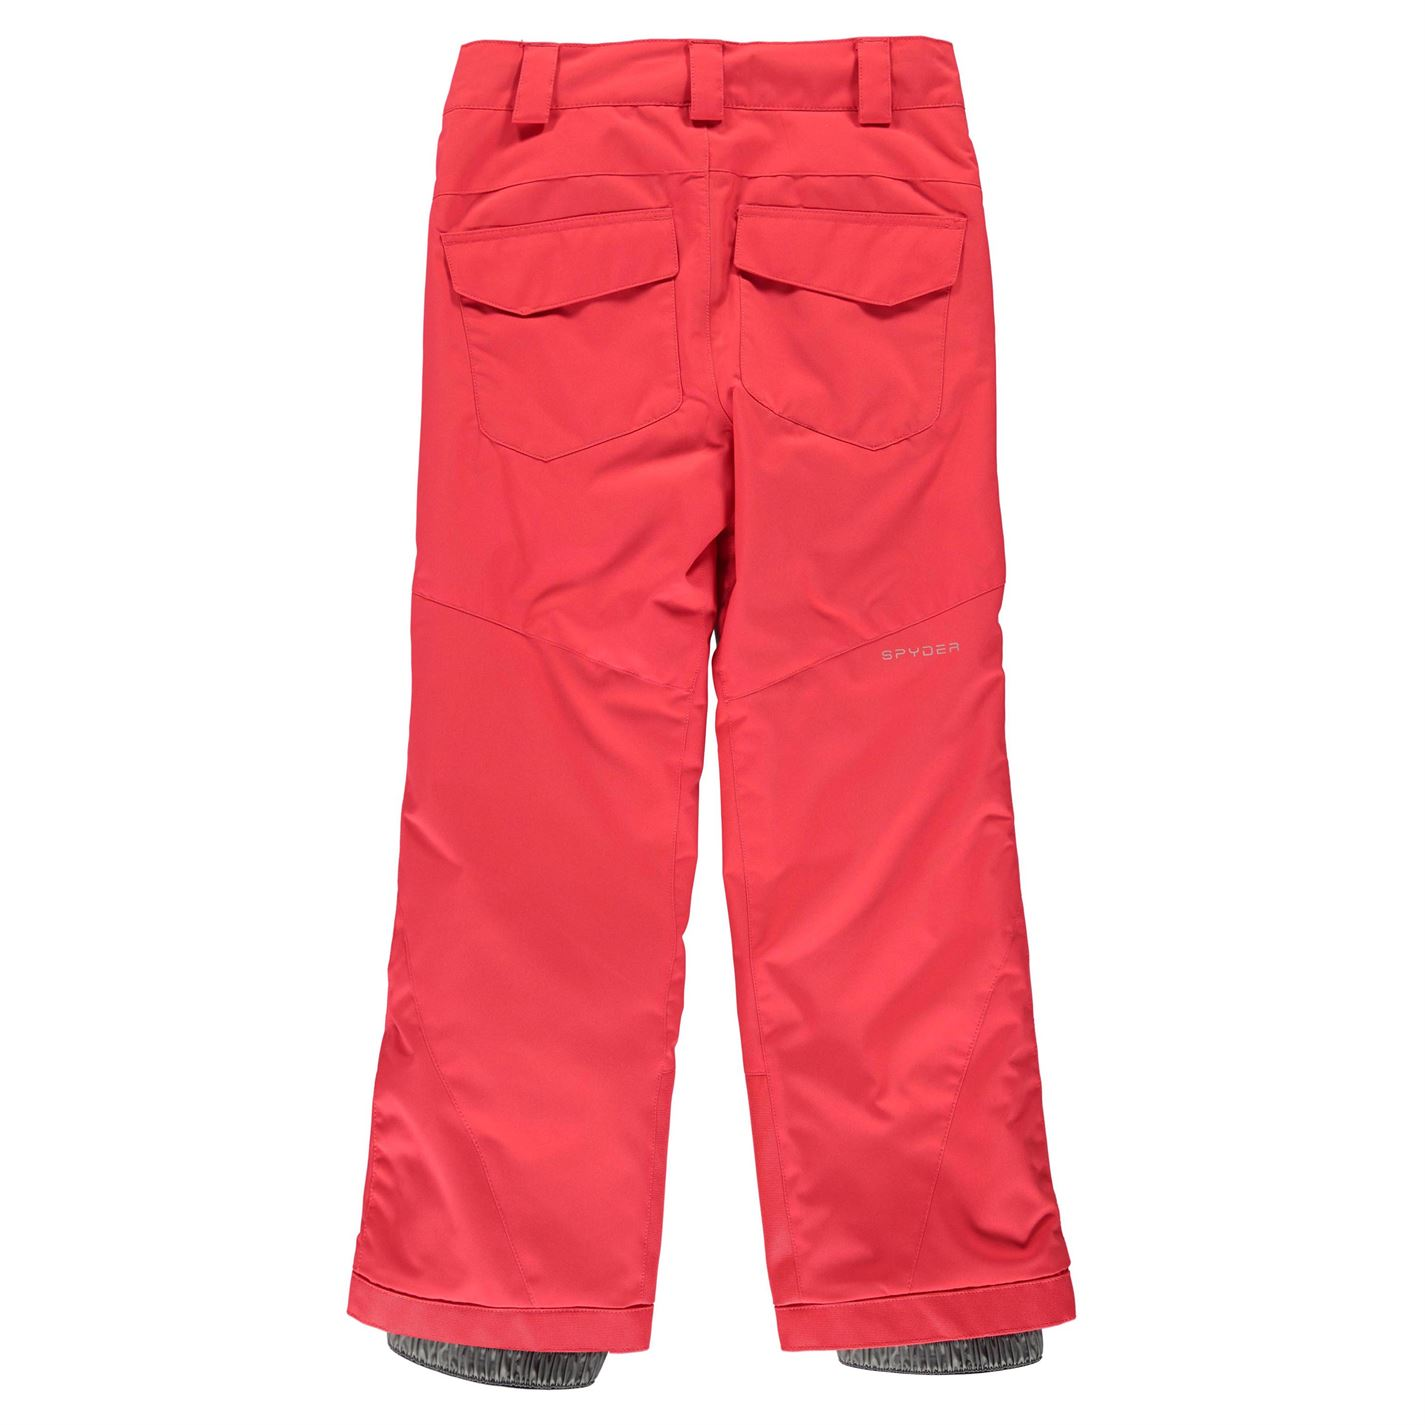 1ea69ceb7 Details about Spyder Kids Girls Vixen Ski Pants Junior Salopettes Trousers  Bottoms Water